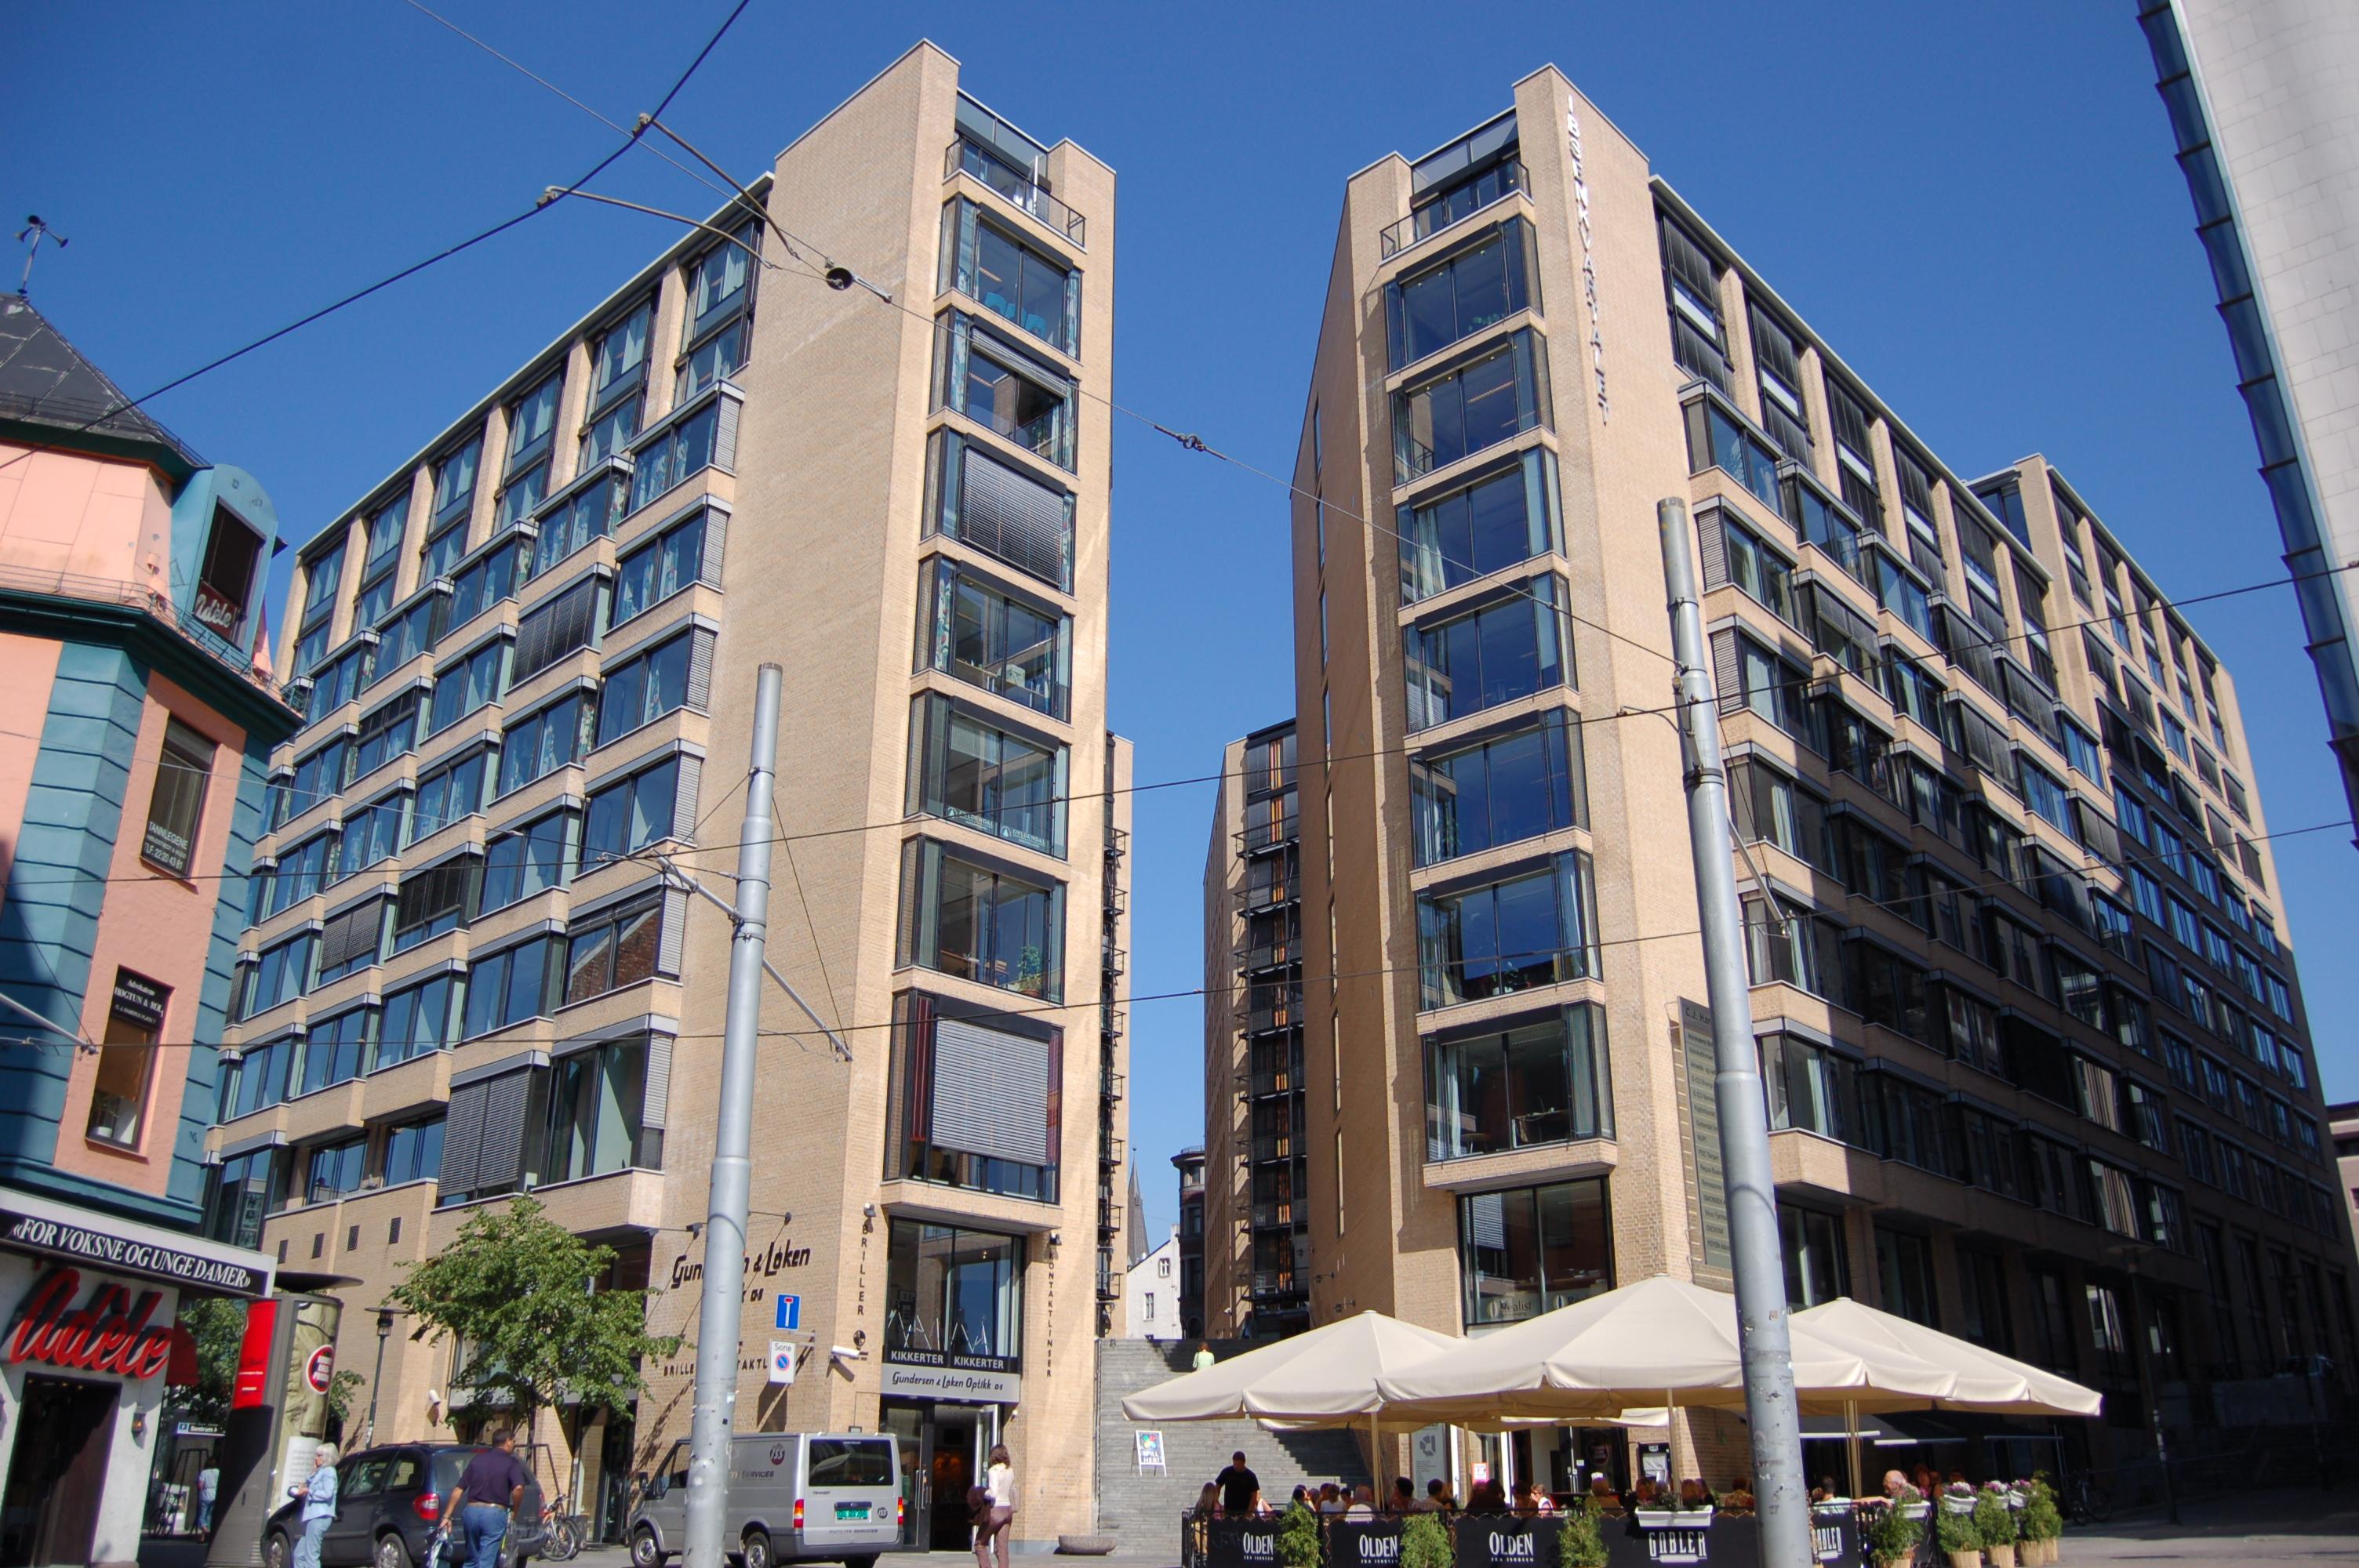 ff23b430 Hotel Cæsar – Wikipedia